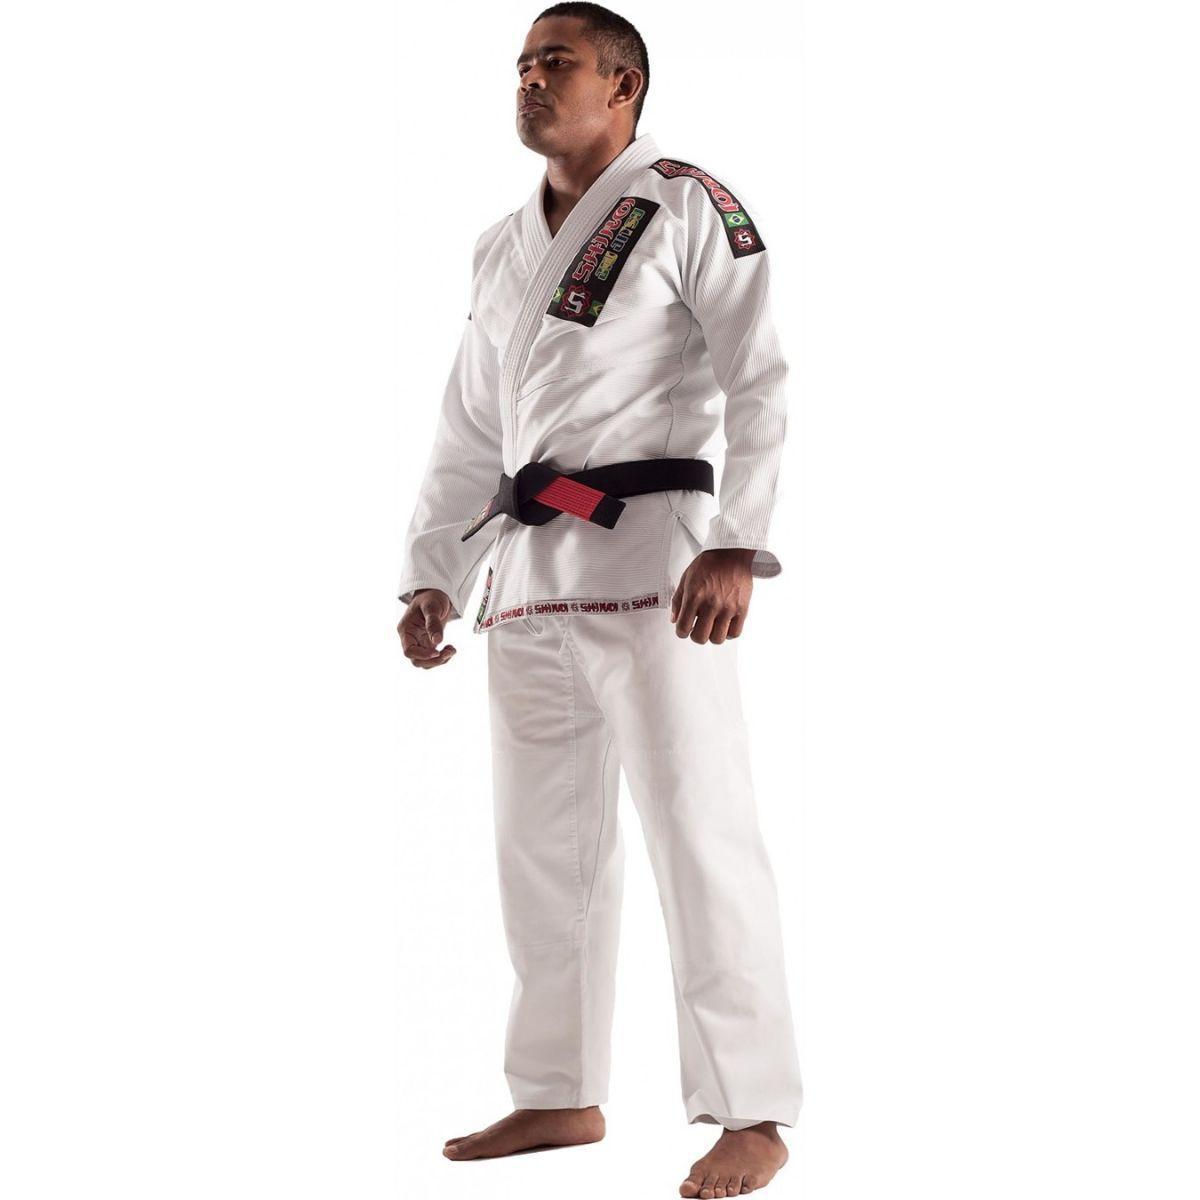 Kimono Jiu Jitsu - Trancado - Standart - Shiroi - Branco  - Loja do Competidor